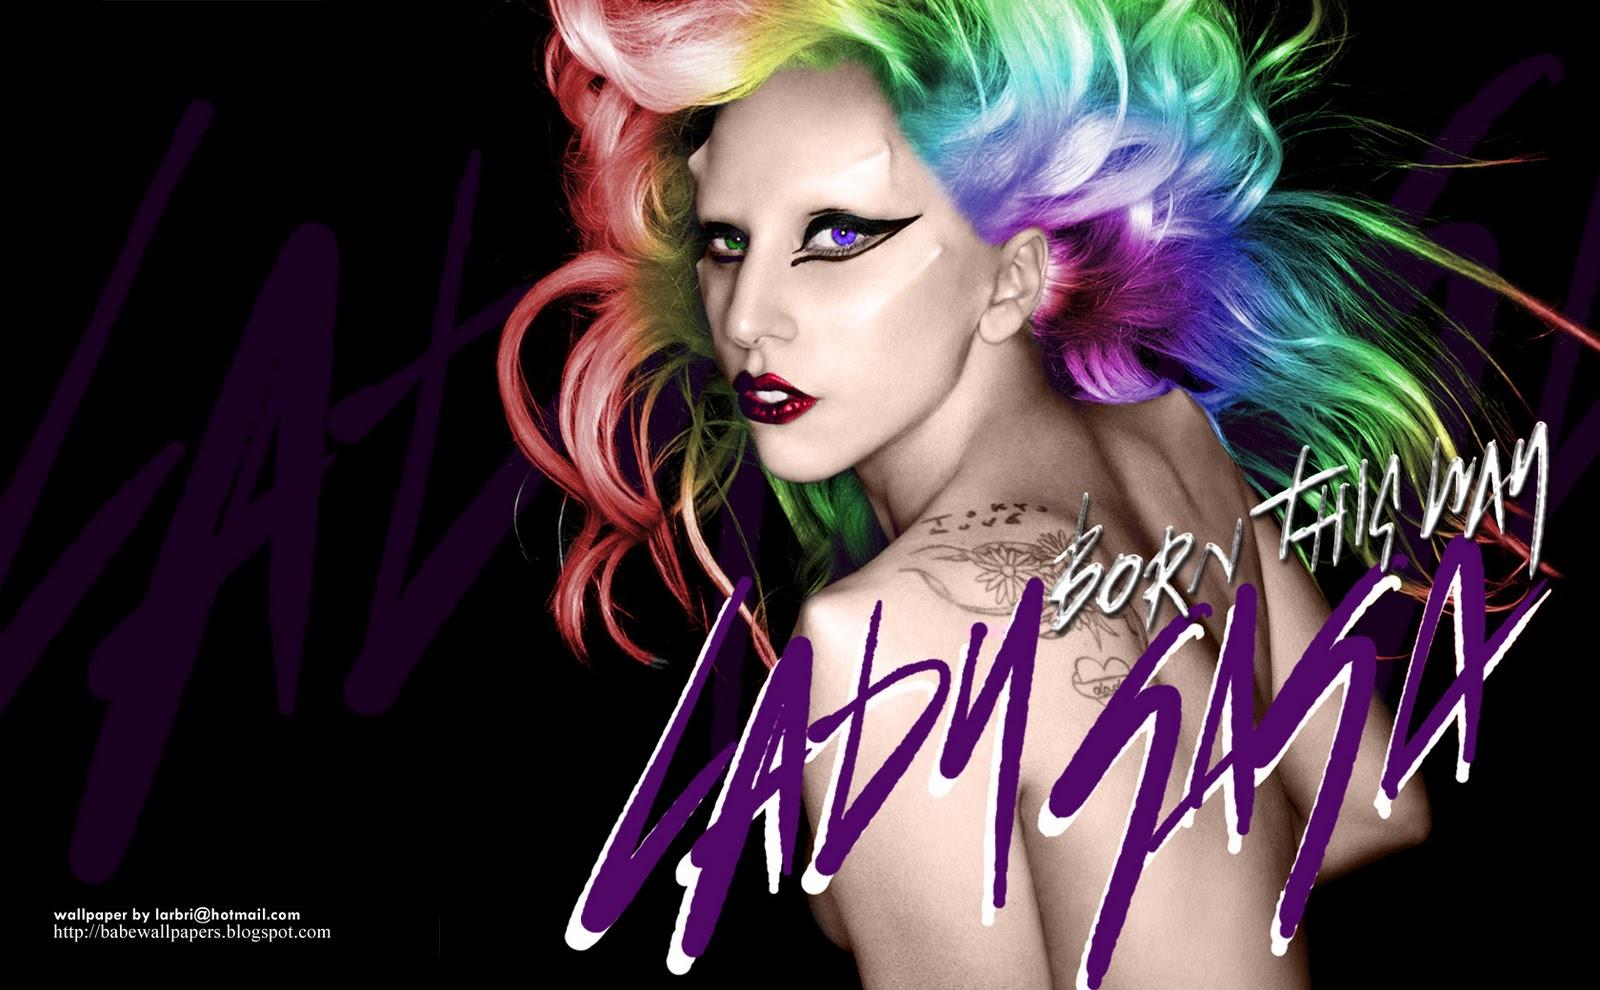 http://2.bp.blogspot.com/-gjJKXxiWPyo/TdYDZGdQiOI/AAAAAAAAAC4/3BzKEhIqxCk/s1600/lady_gaga_born_this_way_wall_003c.jpg